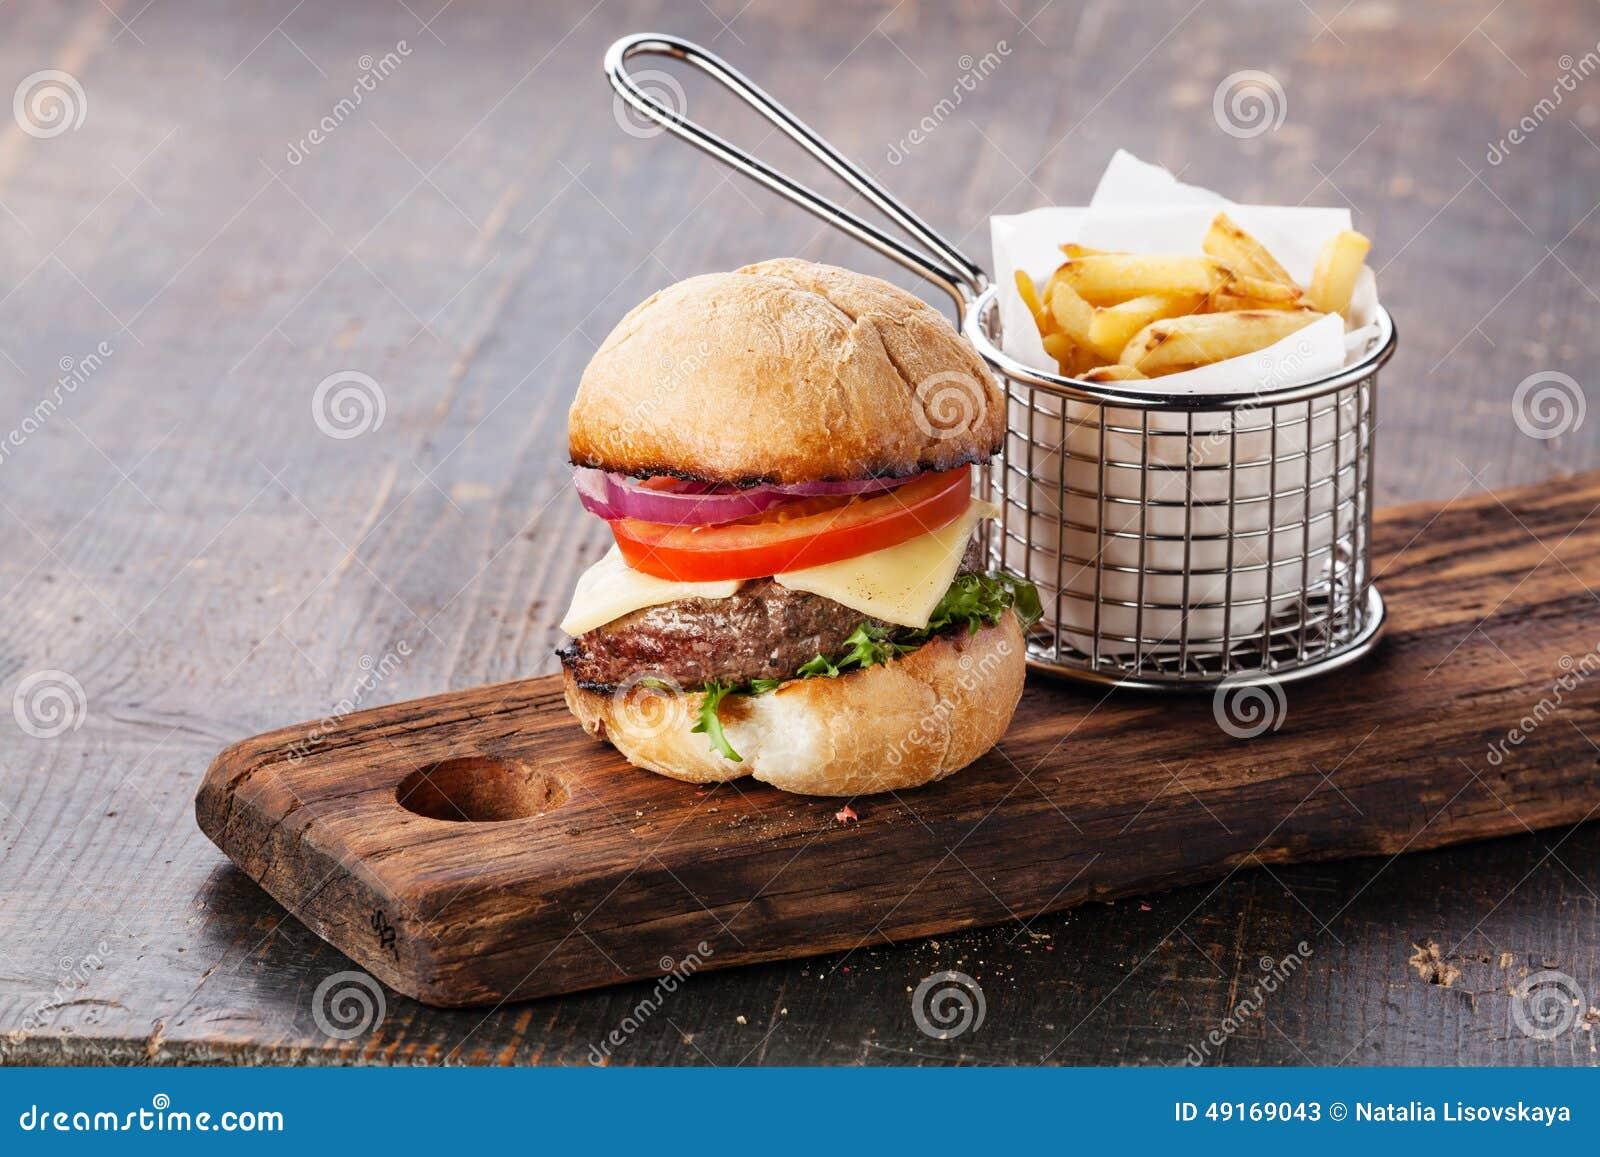 burger mit fleisch und pommes frites stockbild bild von ausschnitt franz sisch 49169043. Black Bedroom Furniture Sets. Home Design Ideas